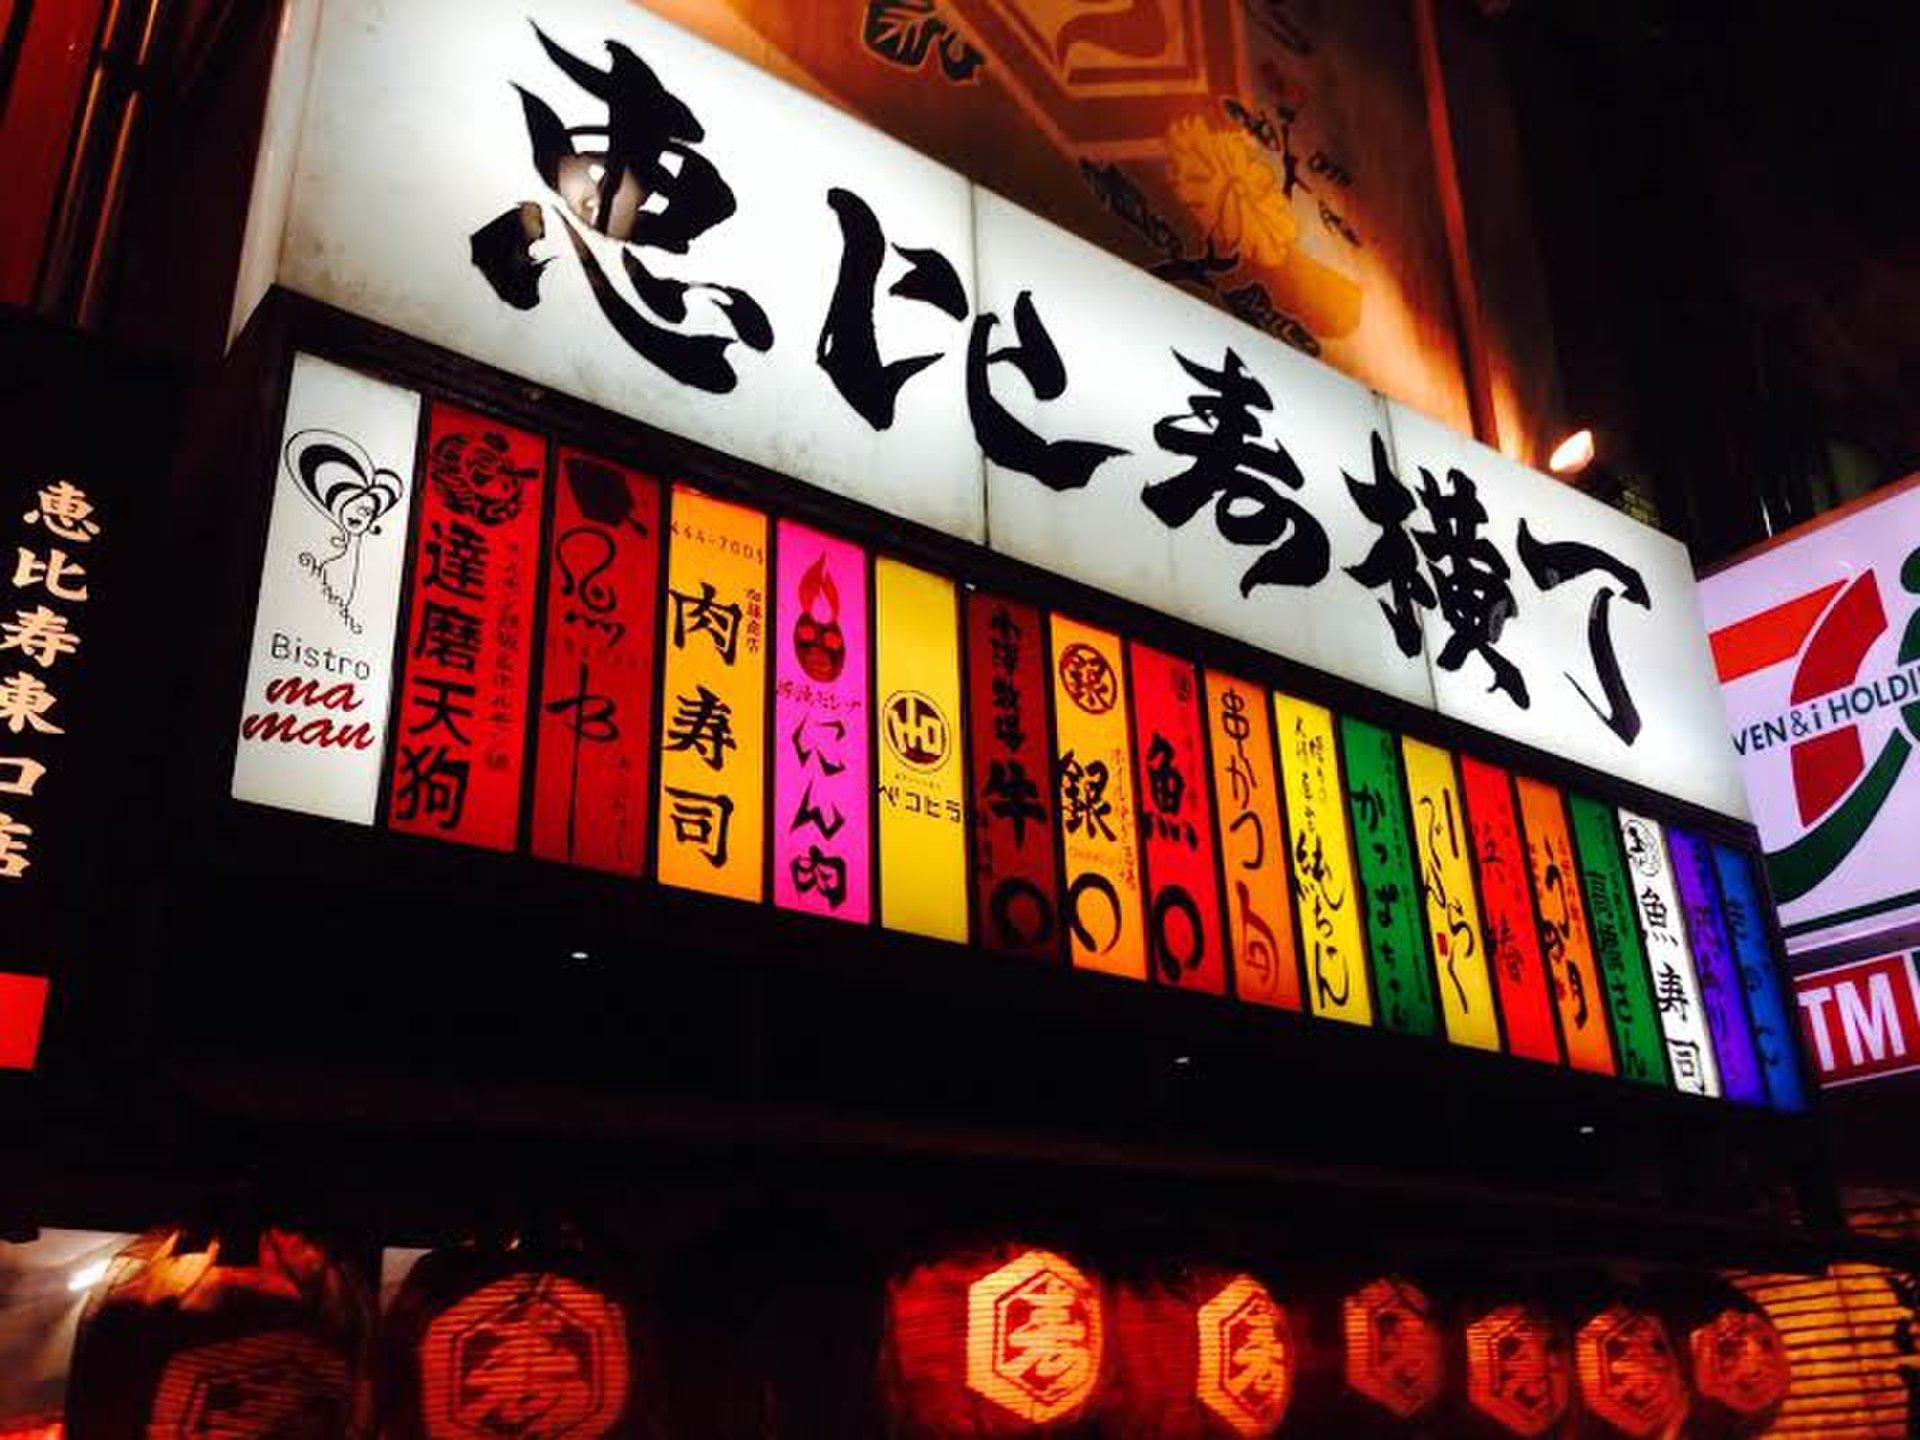 【恵比寿・横丁・居酒屋・バー】男なら確実におさえておきたい恵比寿のお店2選!!